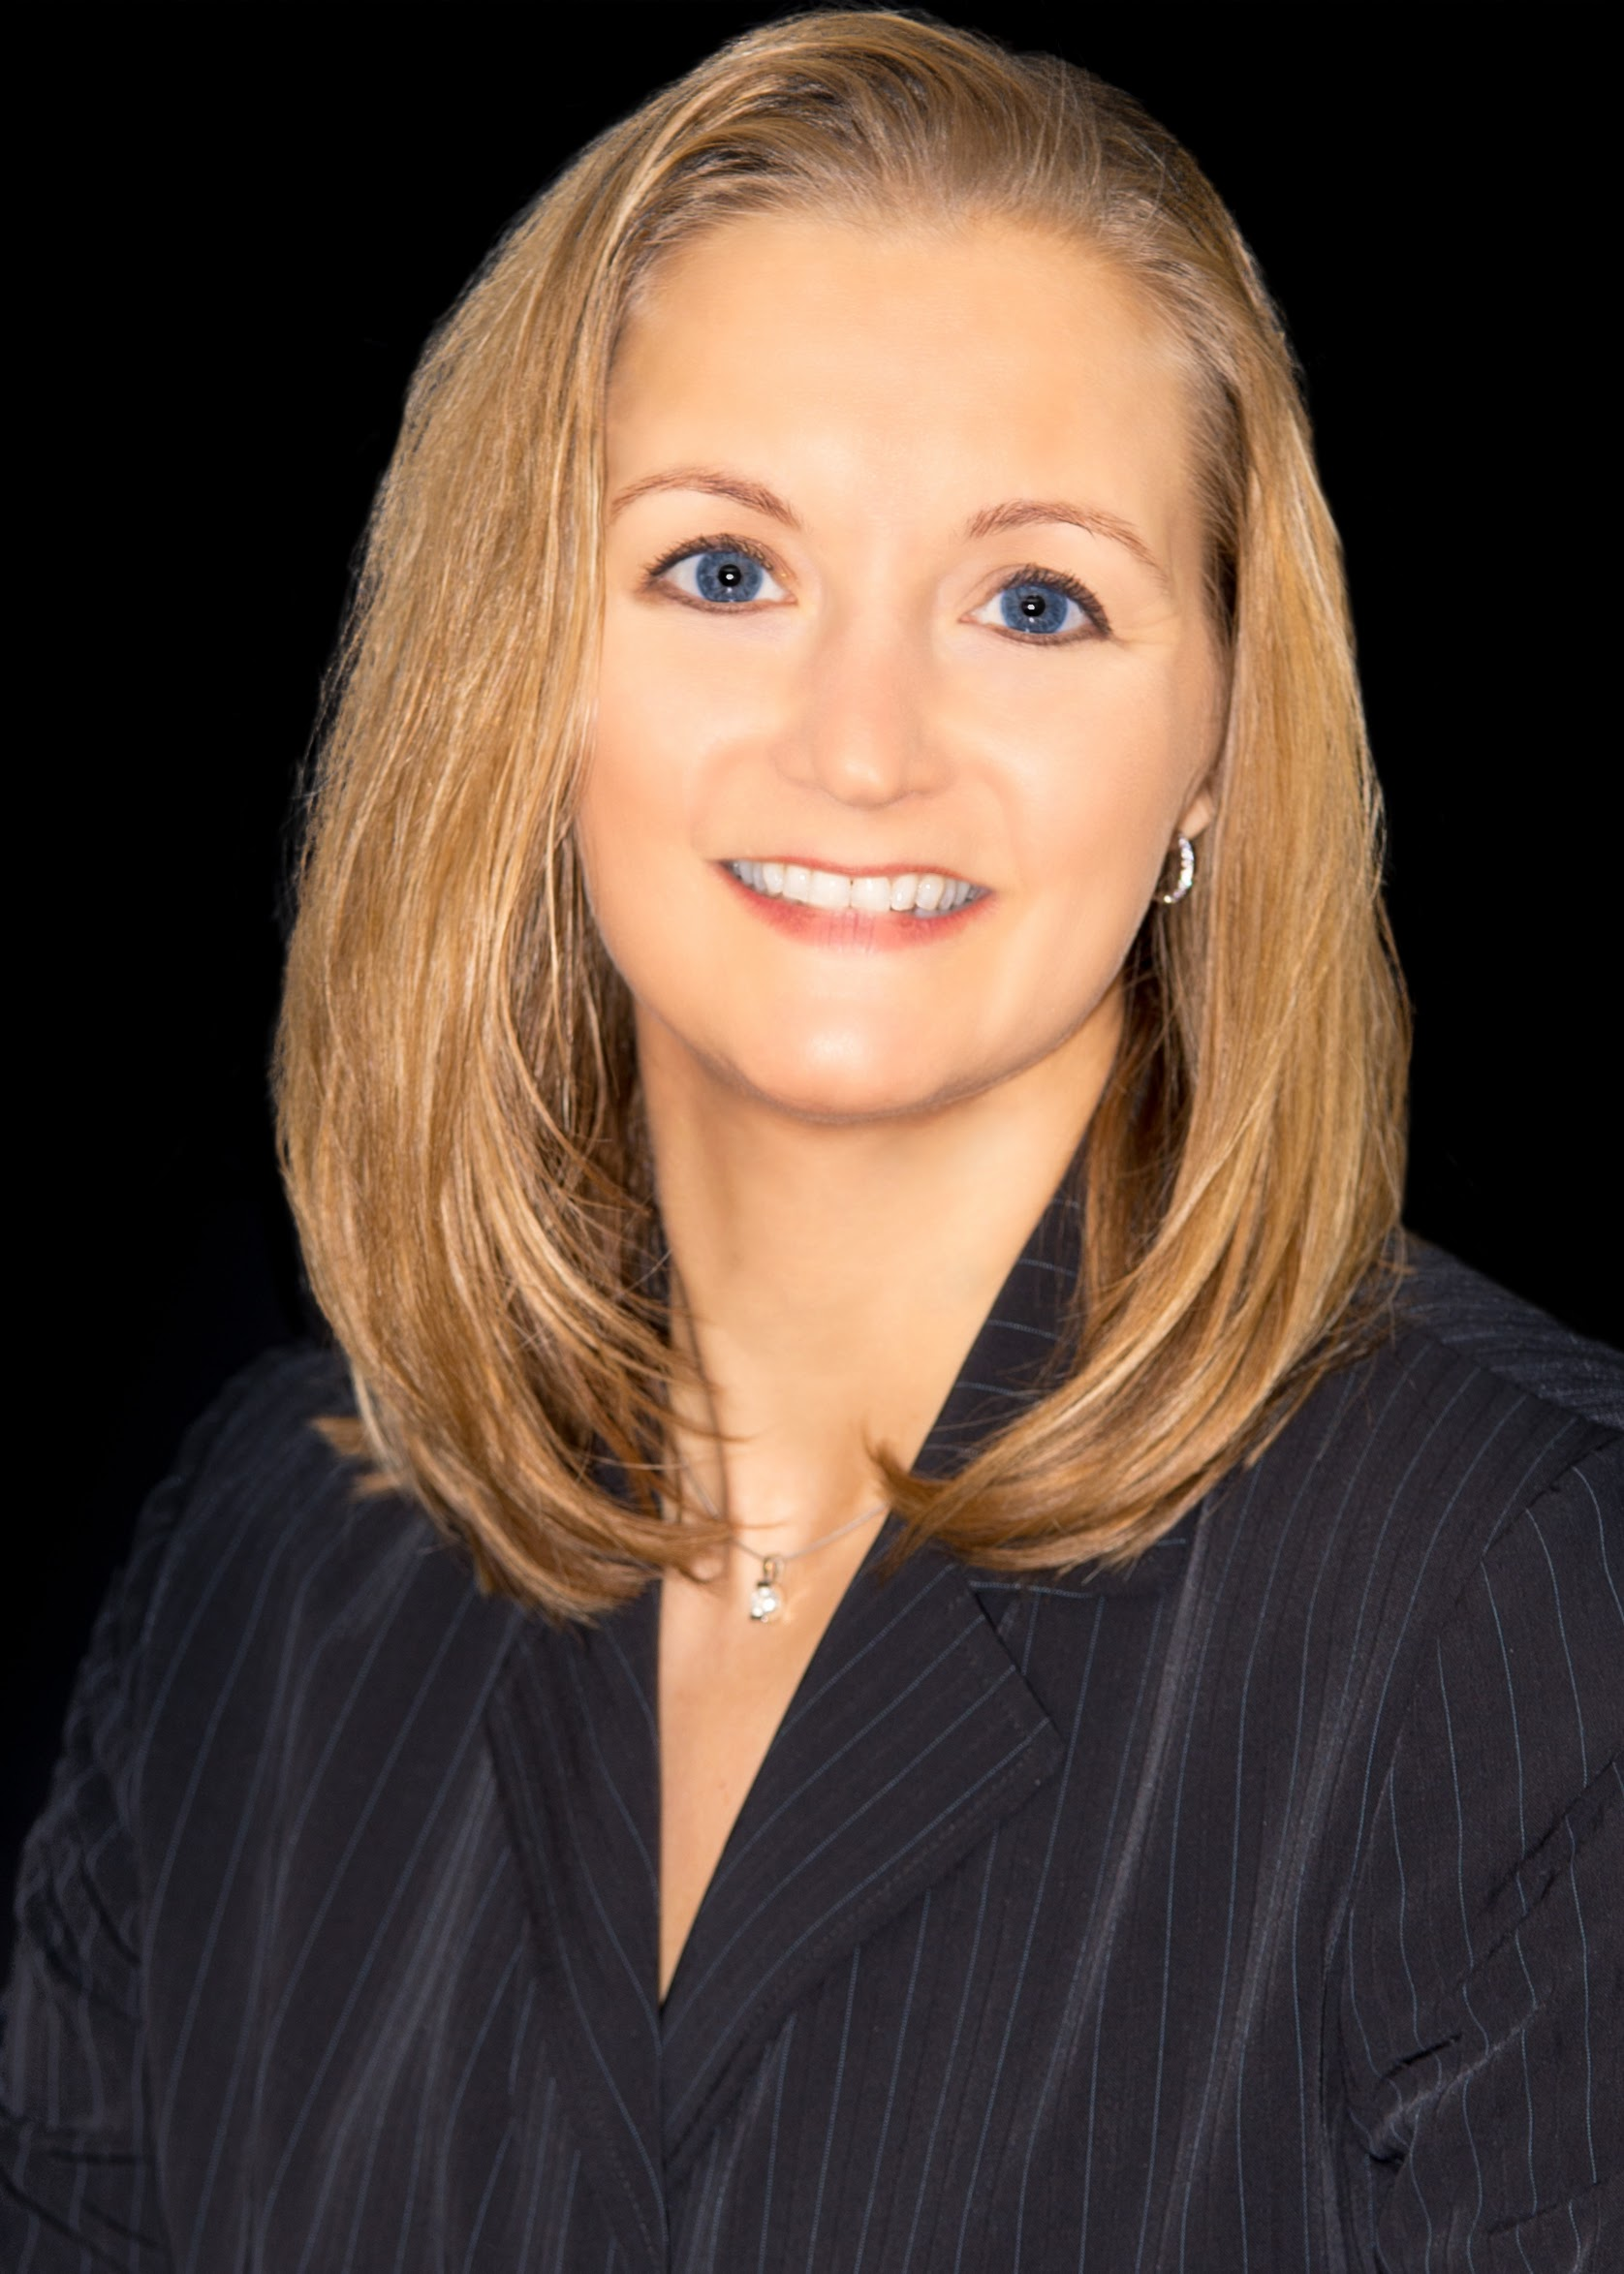 Jessica Grossmeier